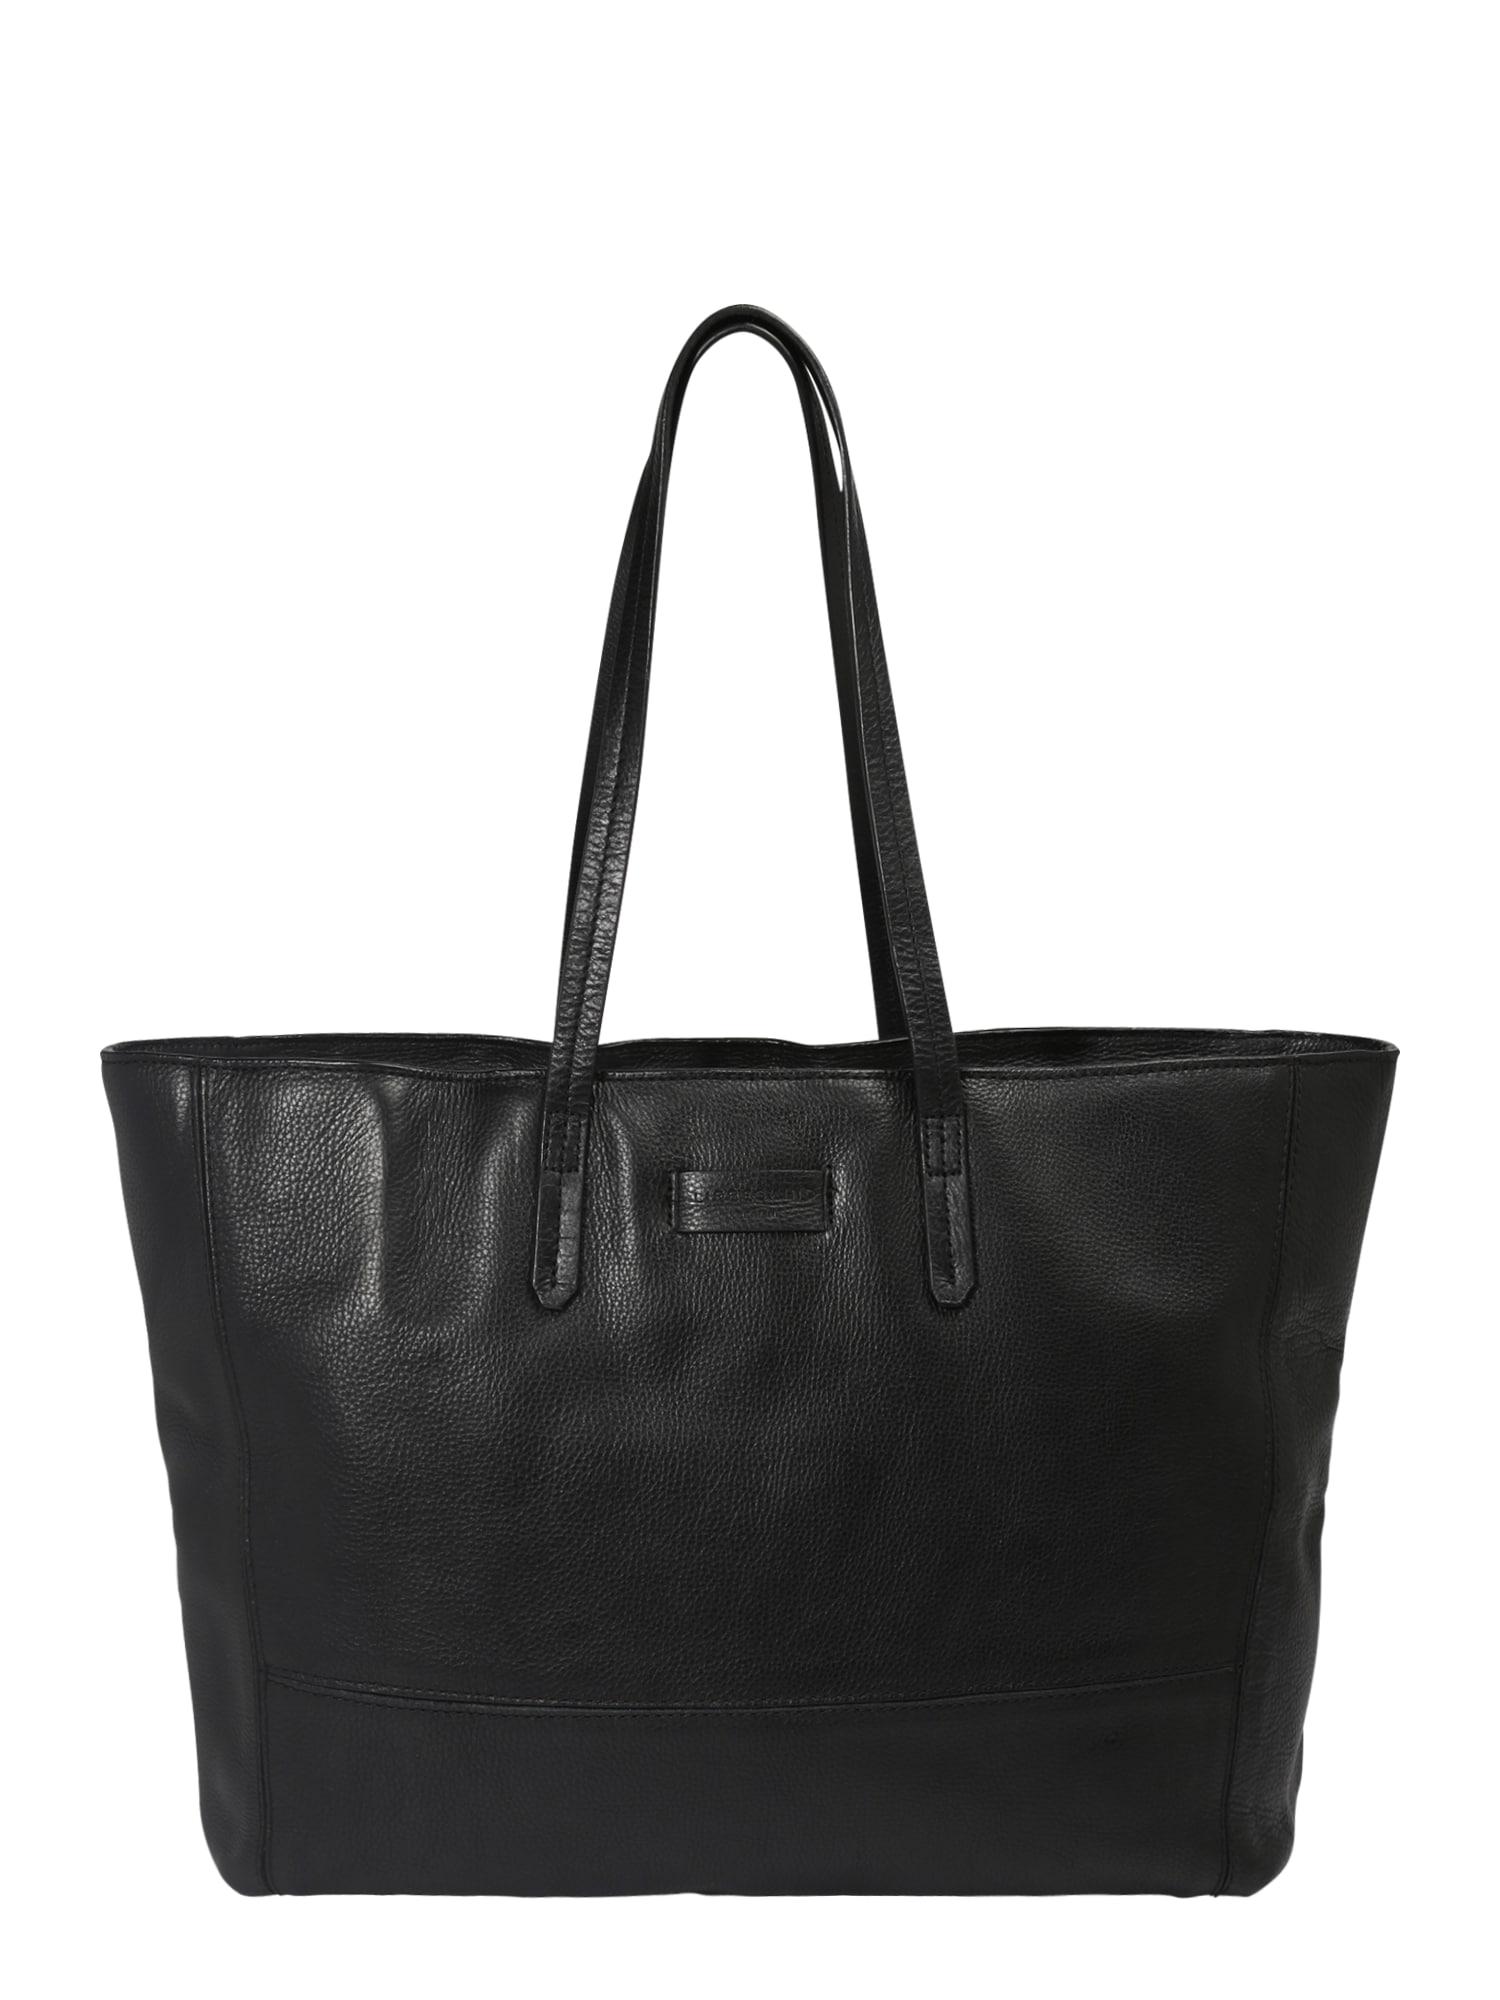 Nákupní taška Le9 černá Liebeskind Berlin